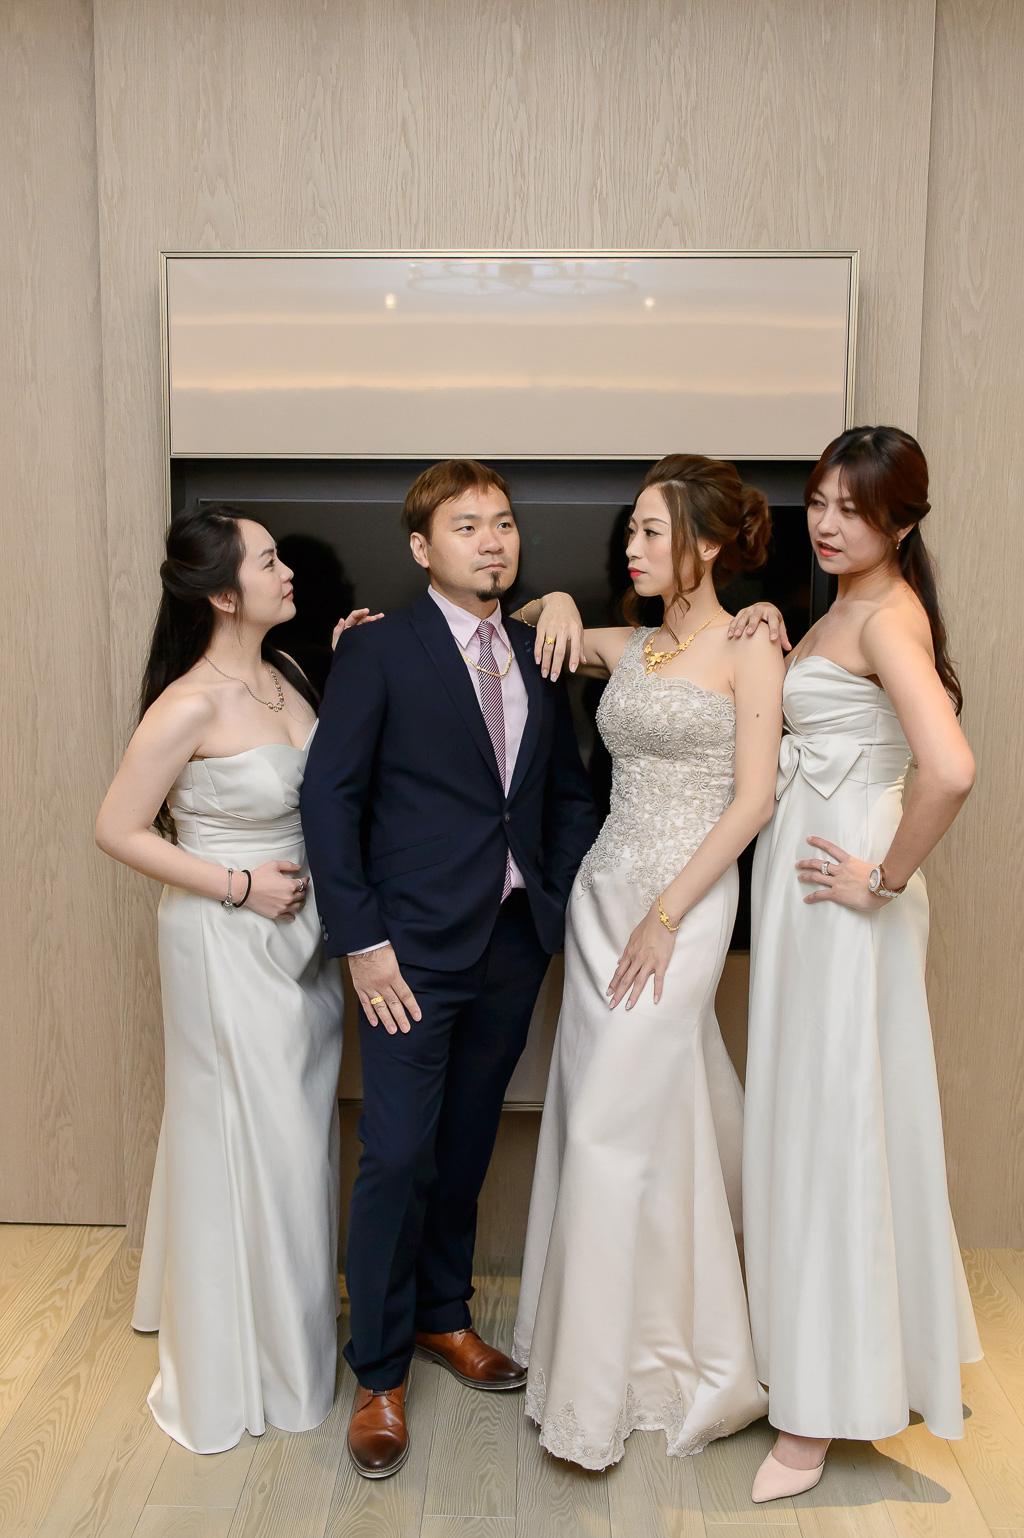 婚攝小勇,小寶團隊, 單眼皮新秘小琁, 自助婚紗, 婚禮紀錄, 和璞,台北婚紗,wedding day-023